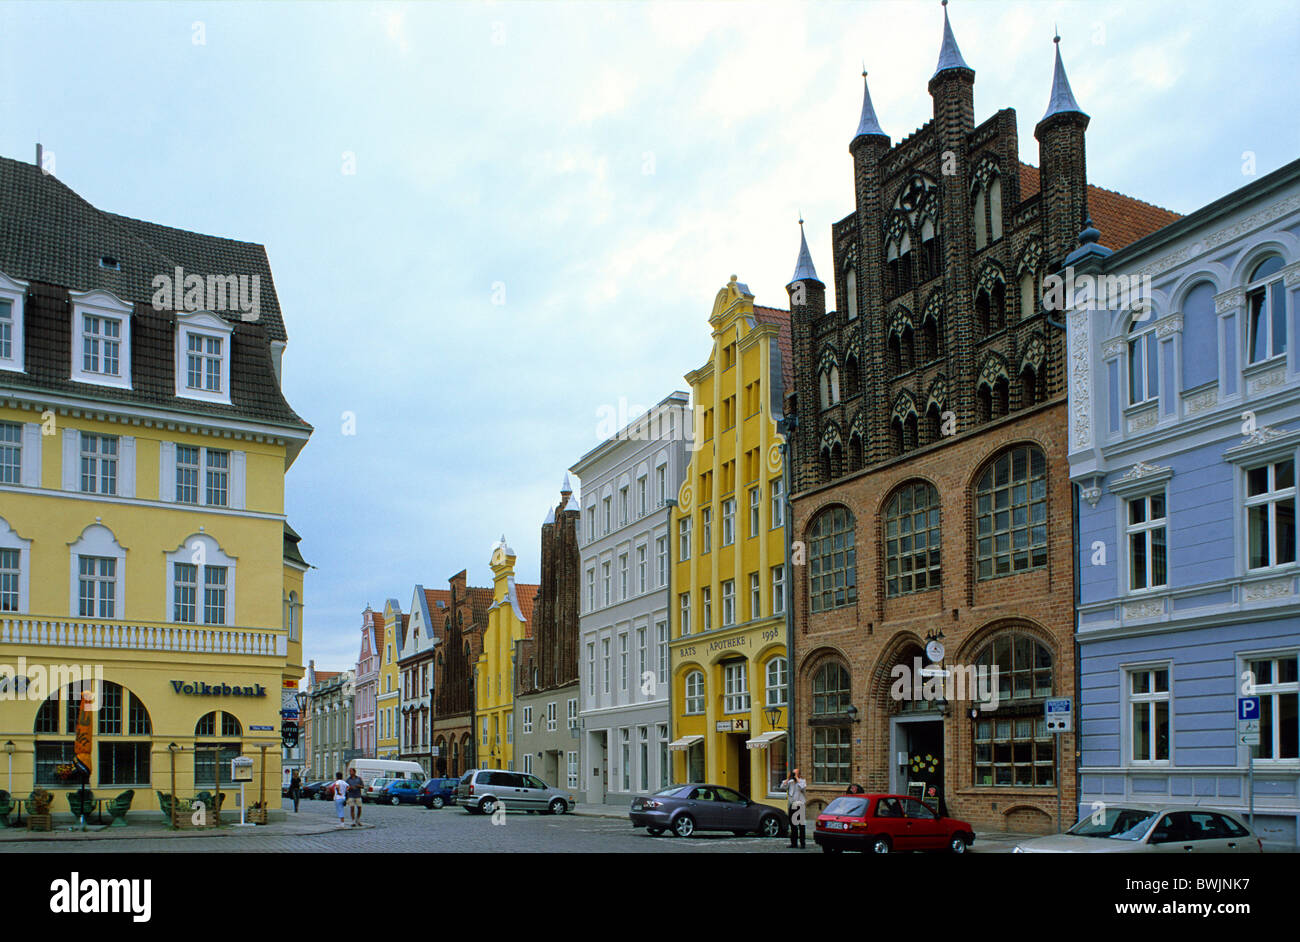 europa deutschland mecklenburg vorpommern stralsund alte marktplatz alter markt mit. Black Bedroom Furniture Sets. Home Design Ideas